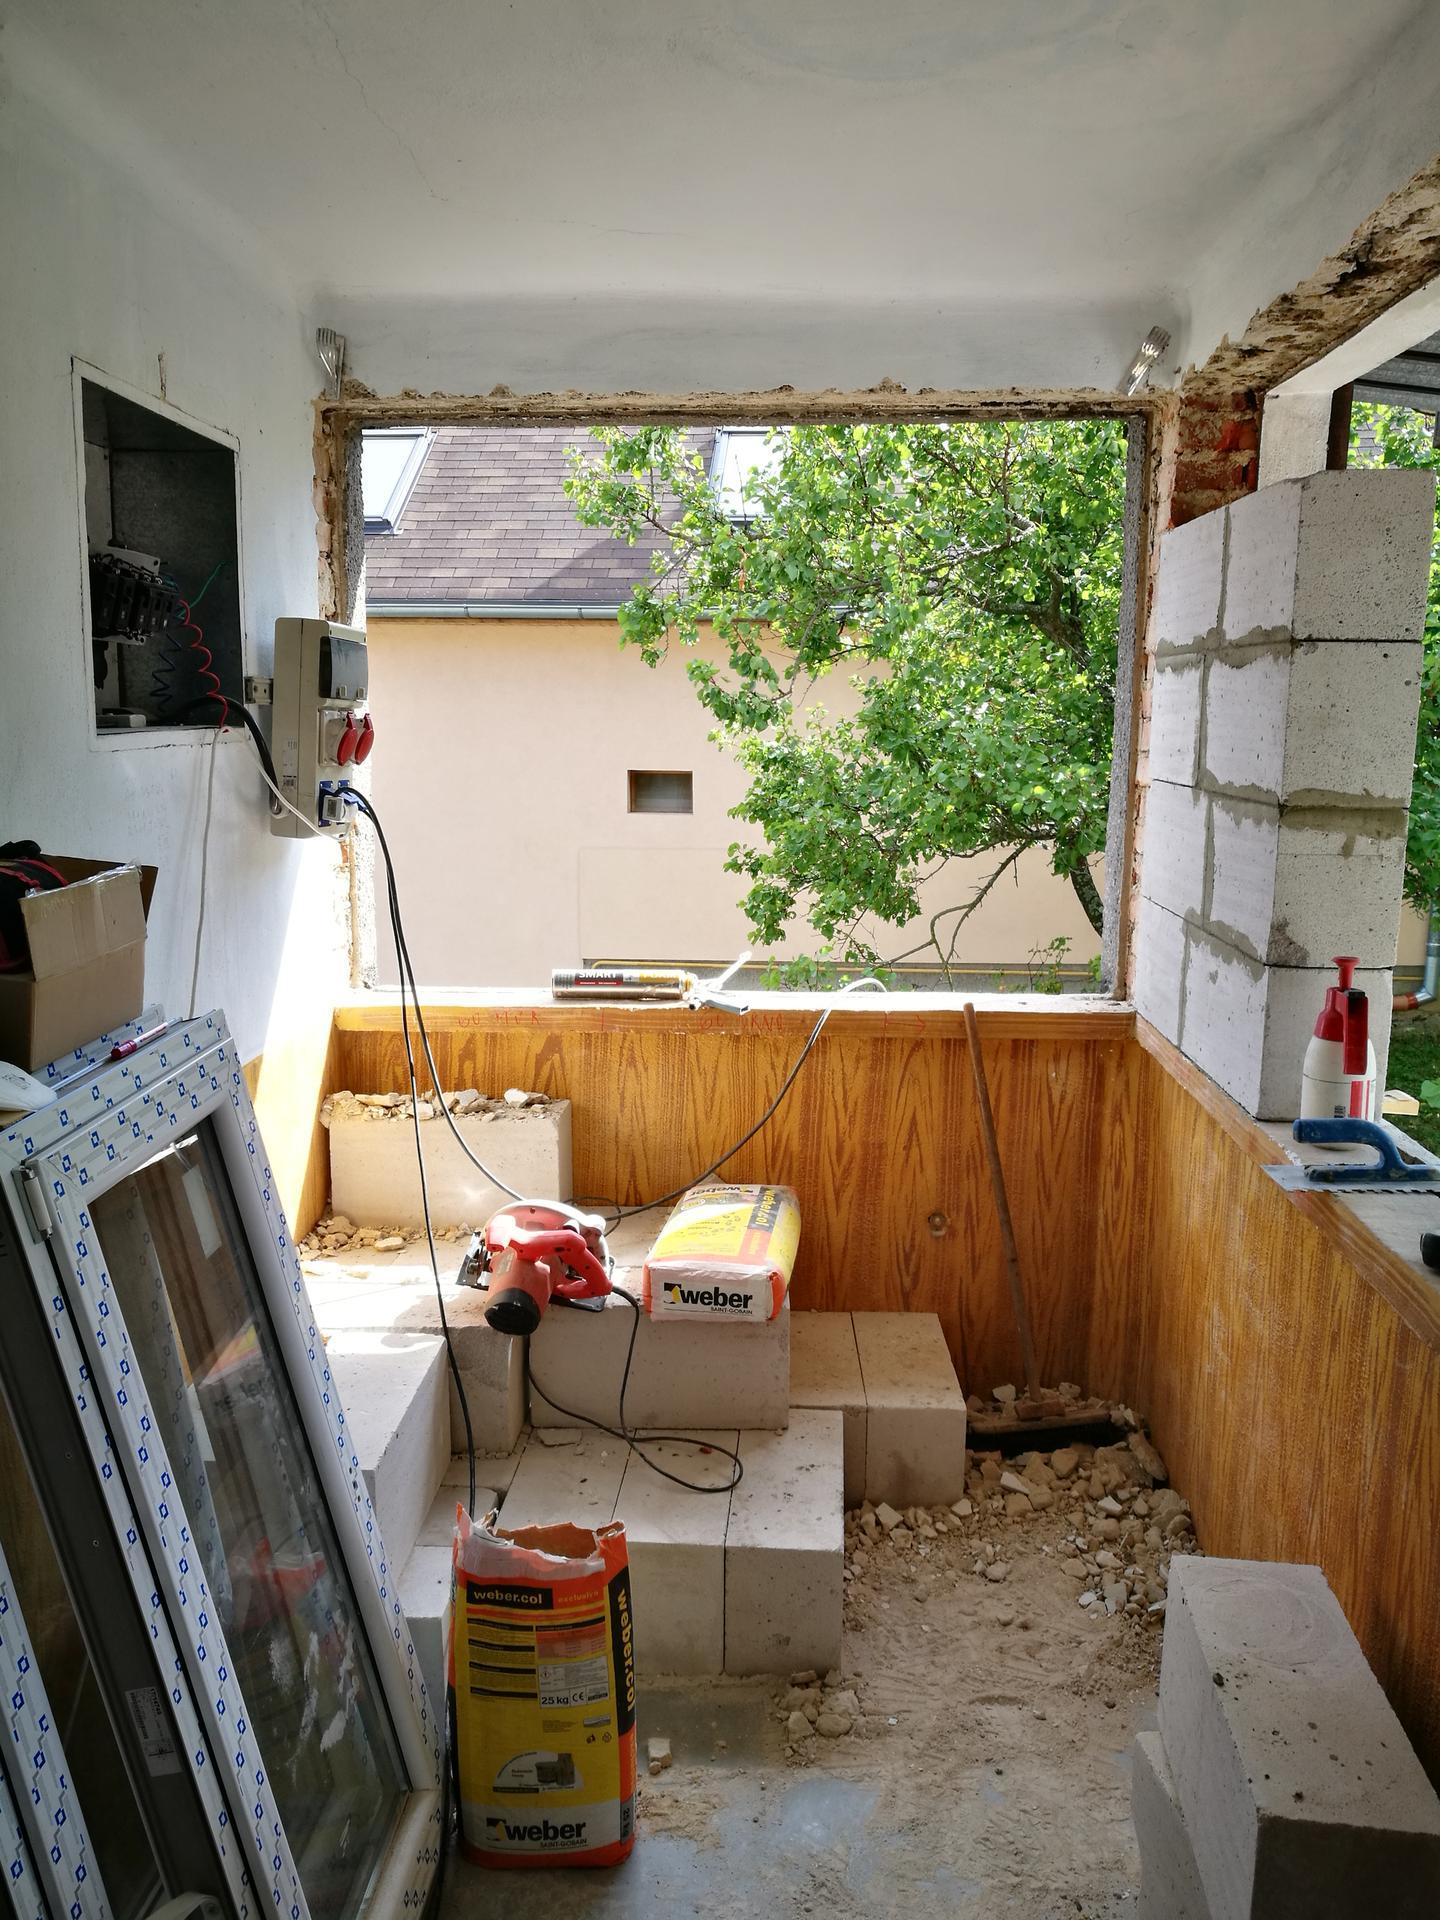 rekonštrukcia na 110% - výklenok pri schodisku bol dosť nepraktický, nič sa tam nedalo dať, bude z neho minikuchyňa